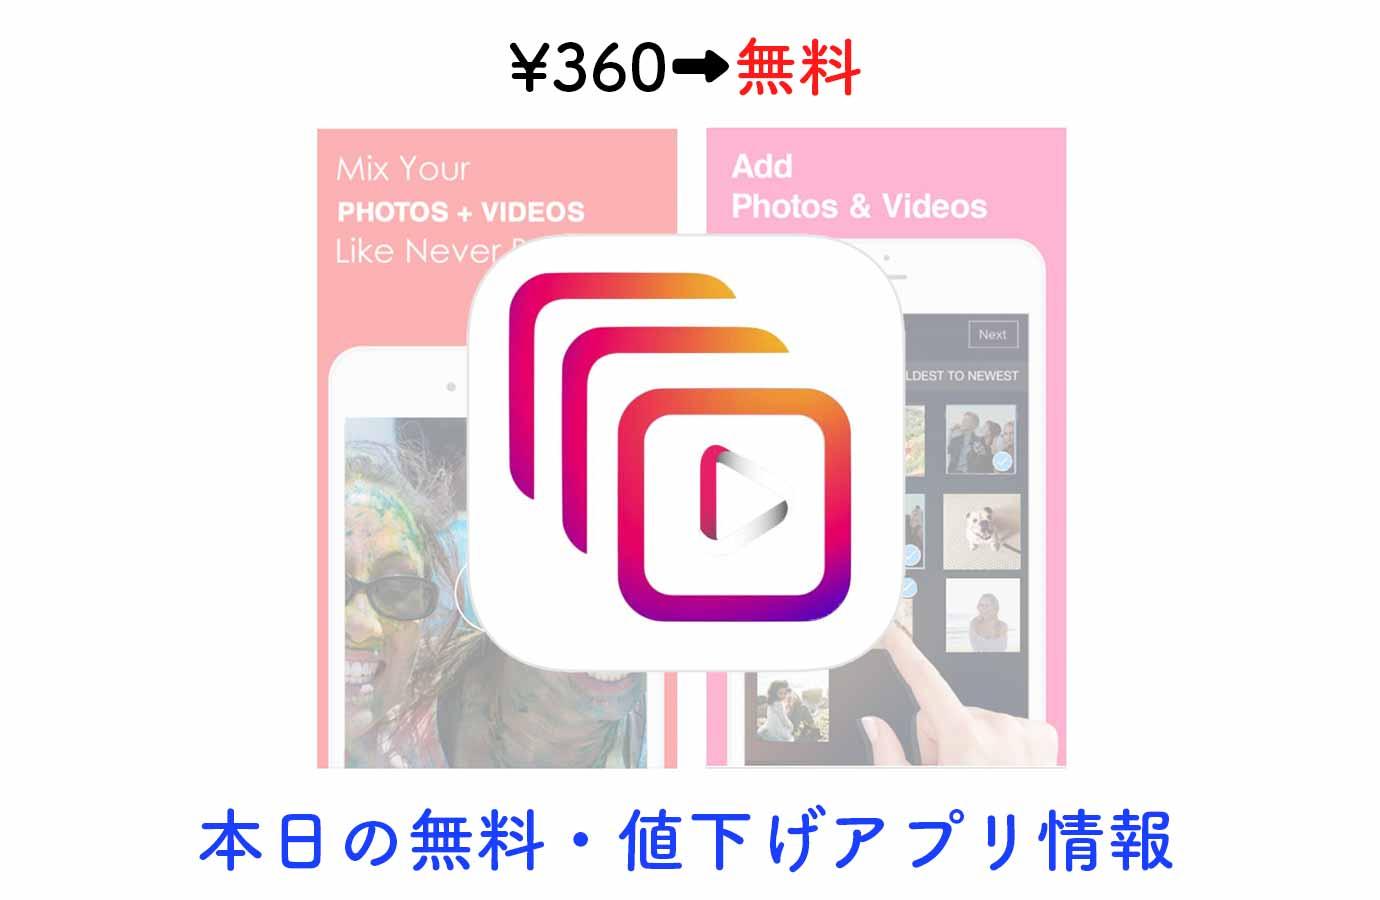 ¥360→無料、簡単に音楽付きのスライドショーが作れるアプリ「SlideShow Movie With Music」など【9/20】本日の無料・値下げアプリ情報